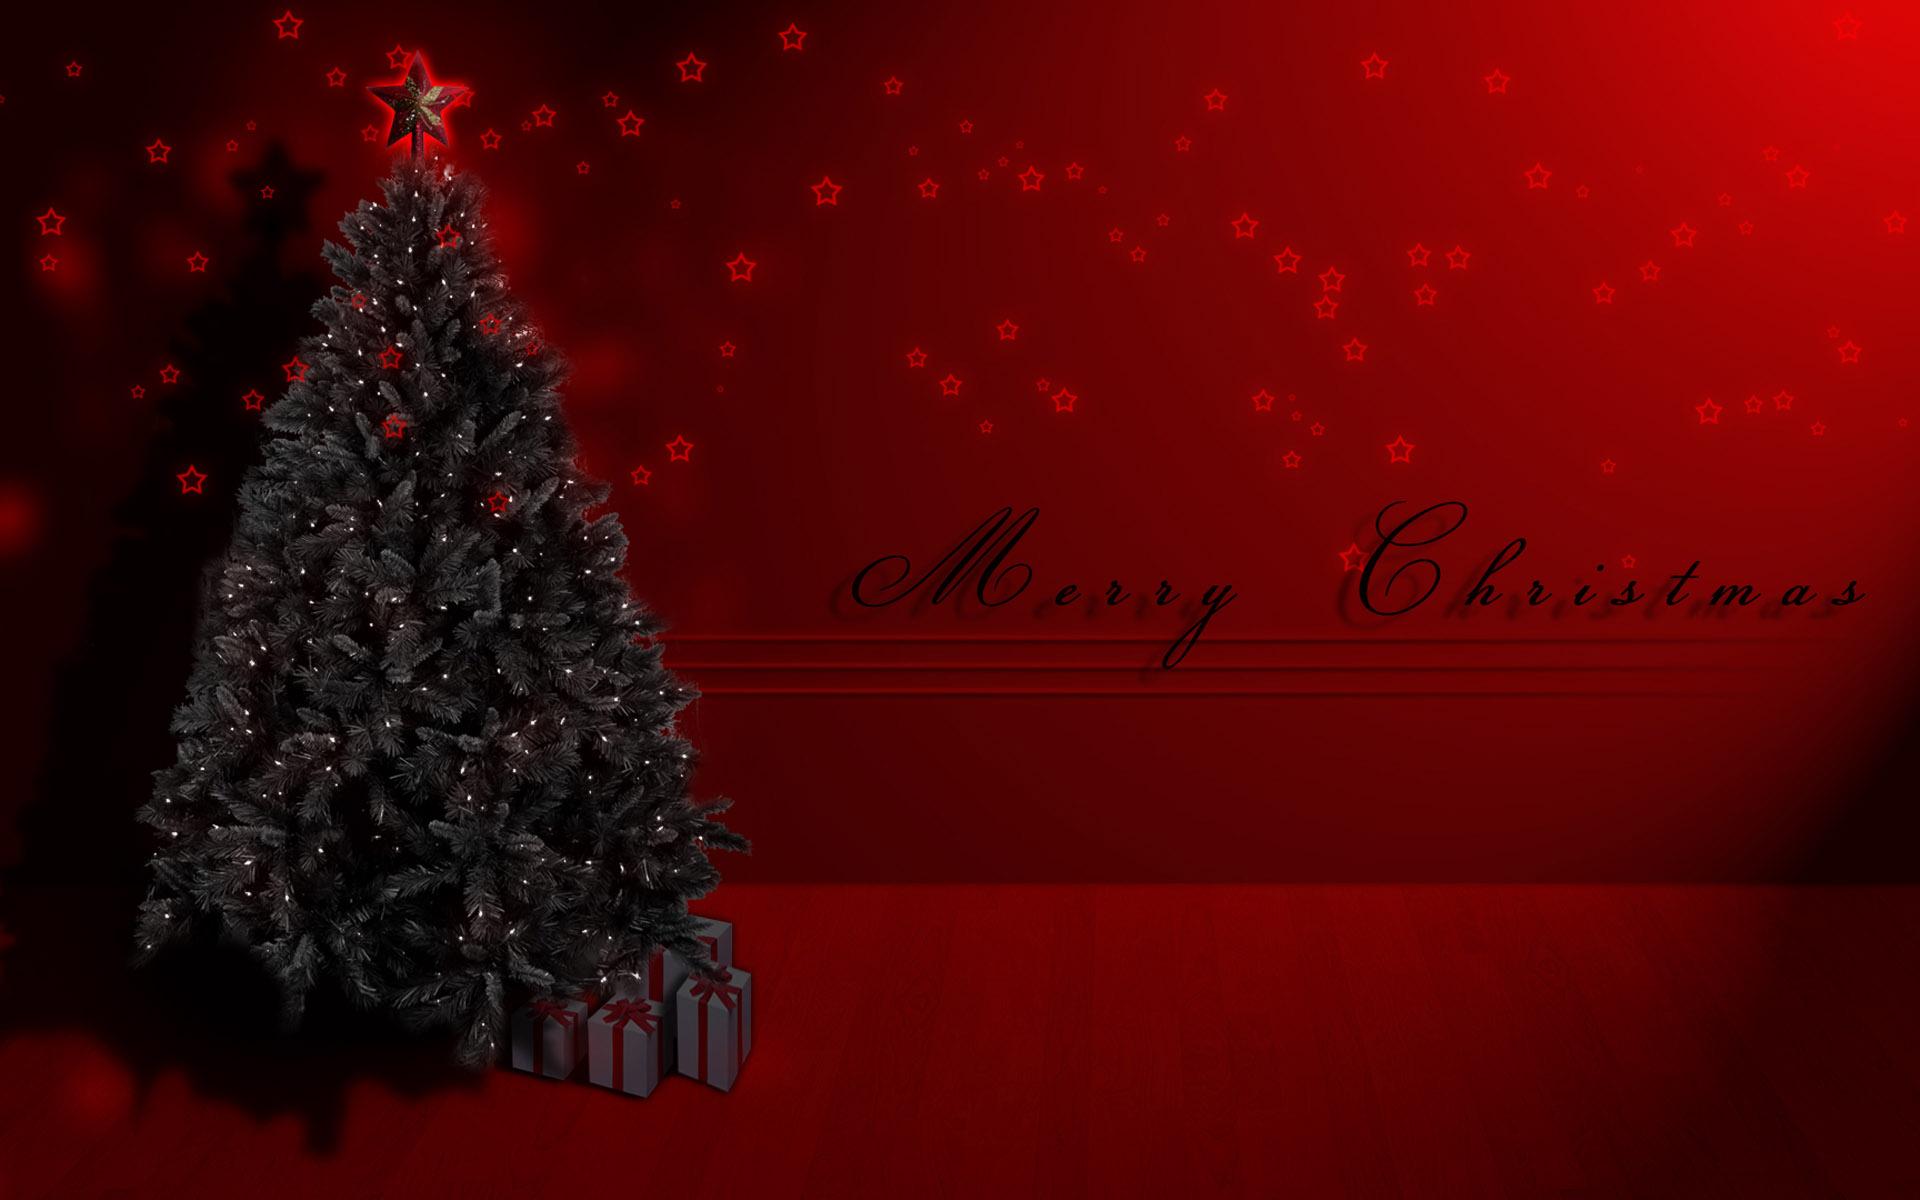 精美的圣诞节主题背景高清图片素材(20P)